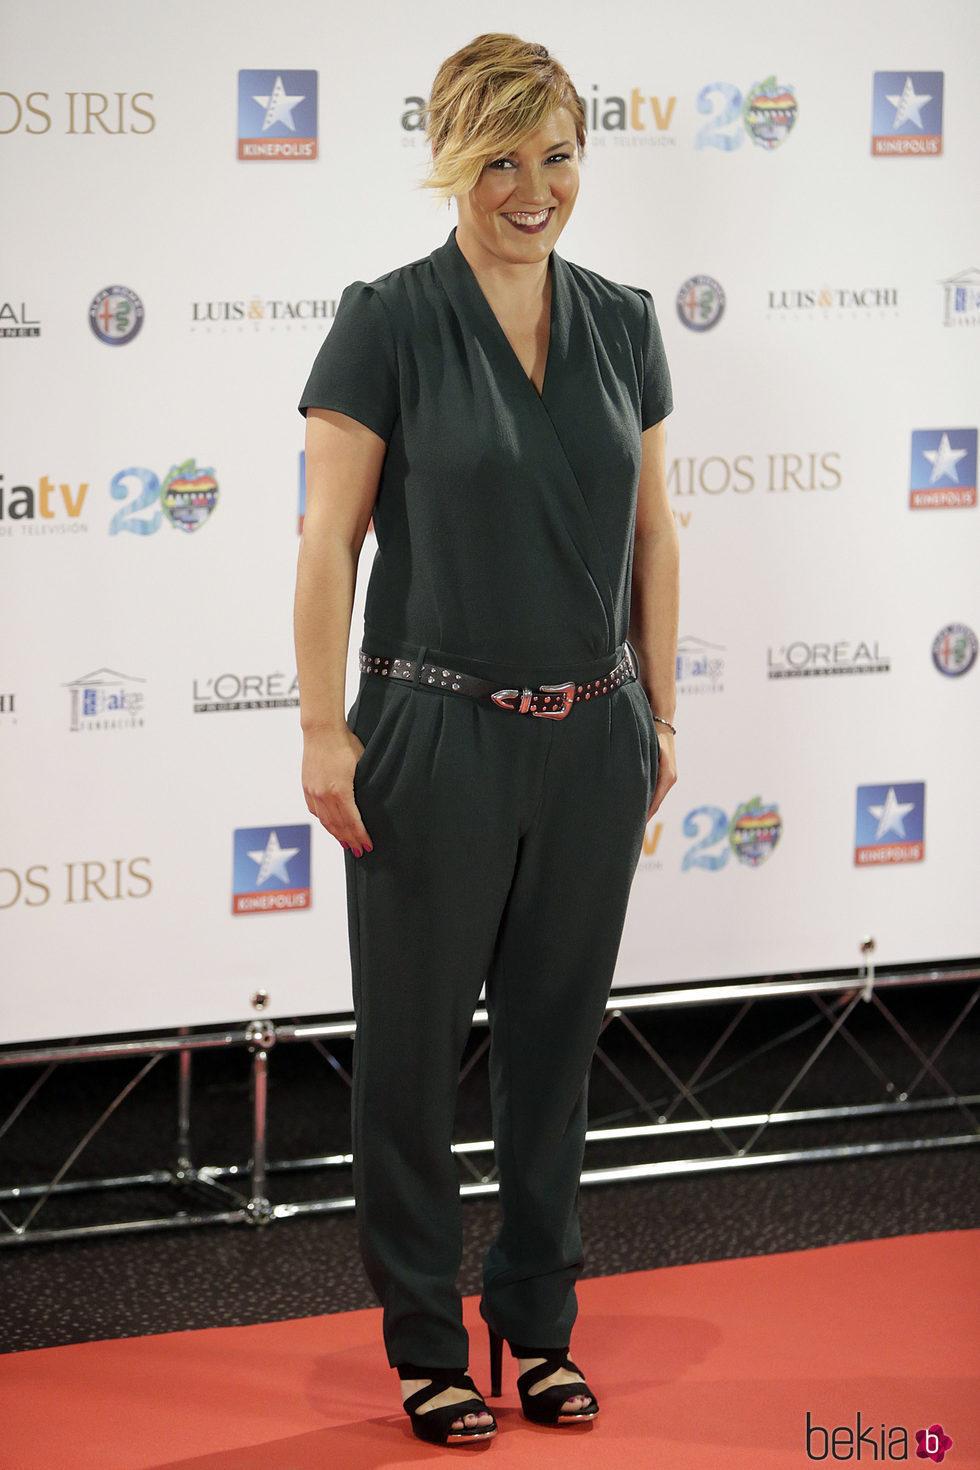 Cristina Pardo en los Premios Iris 2017